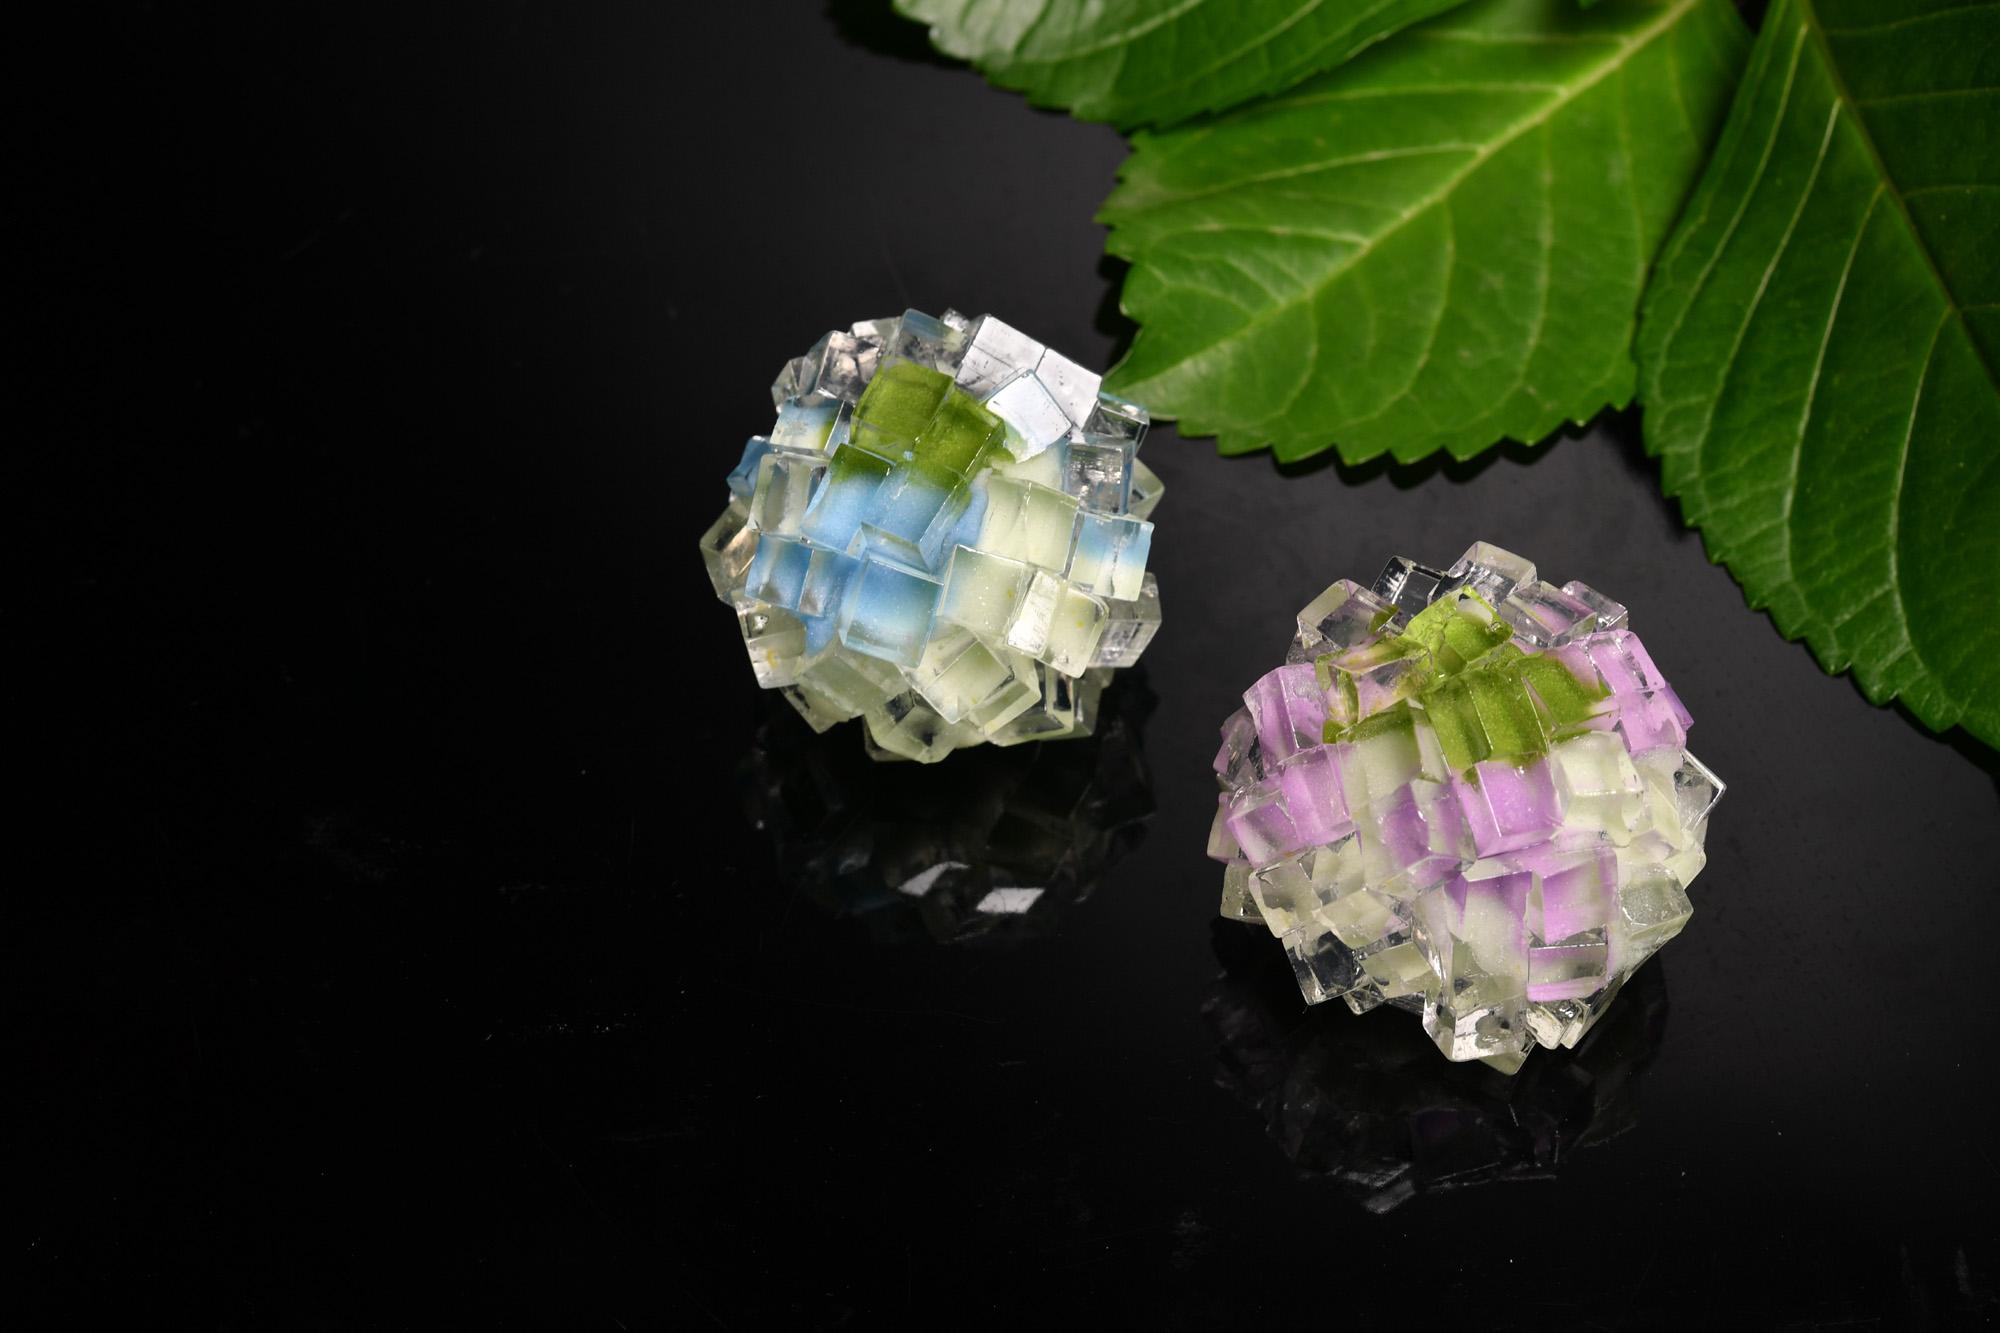 上生菓子の写真 紫陽花 和菓子の写真の撮り方で苦労する。